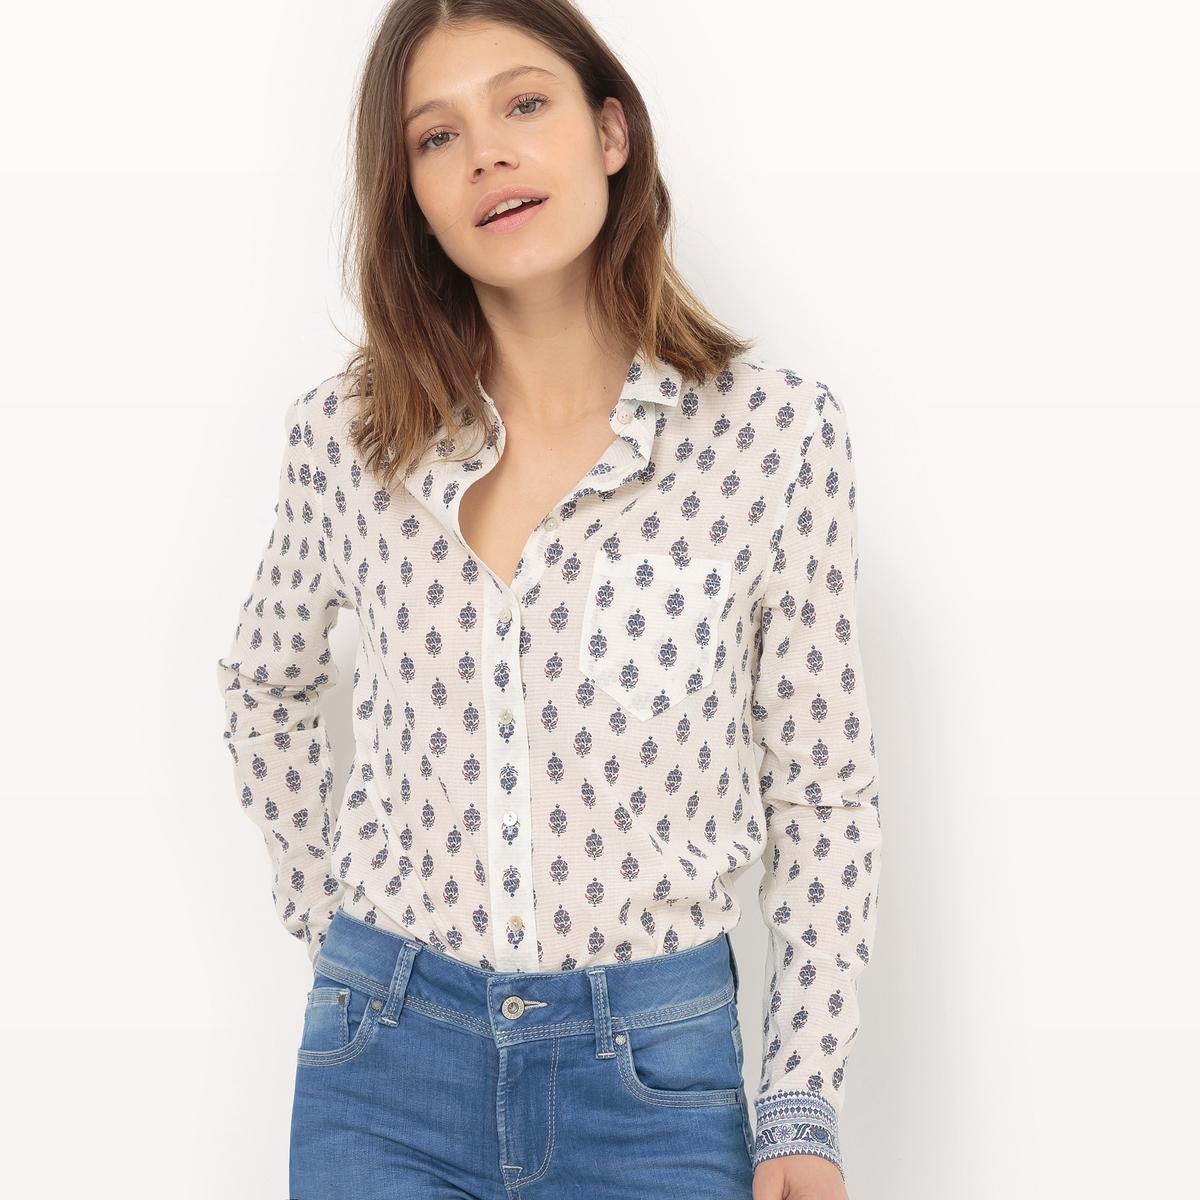 Рубашка с цветочным рисунком, длинные рукава